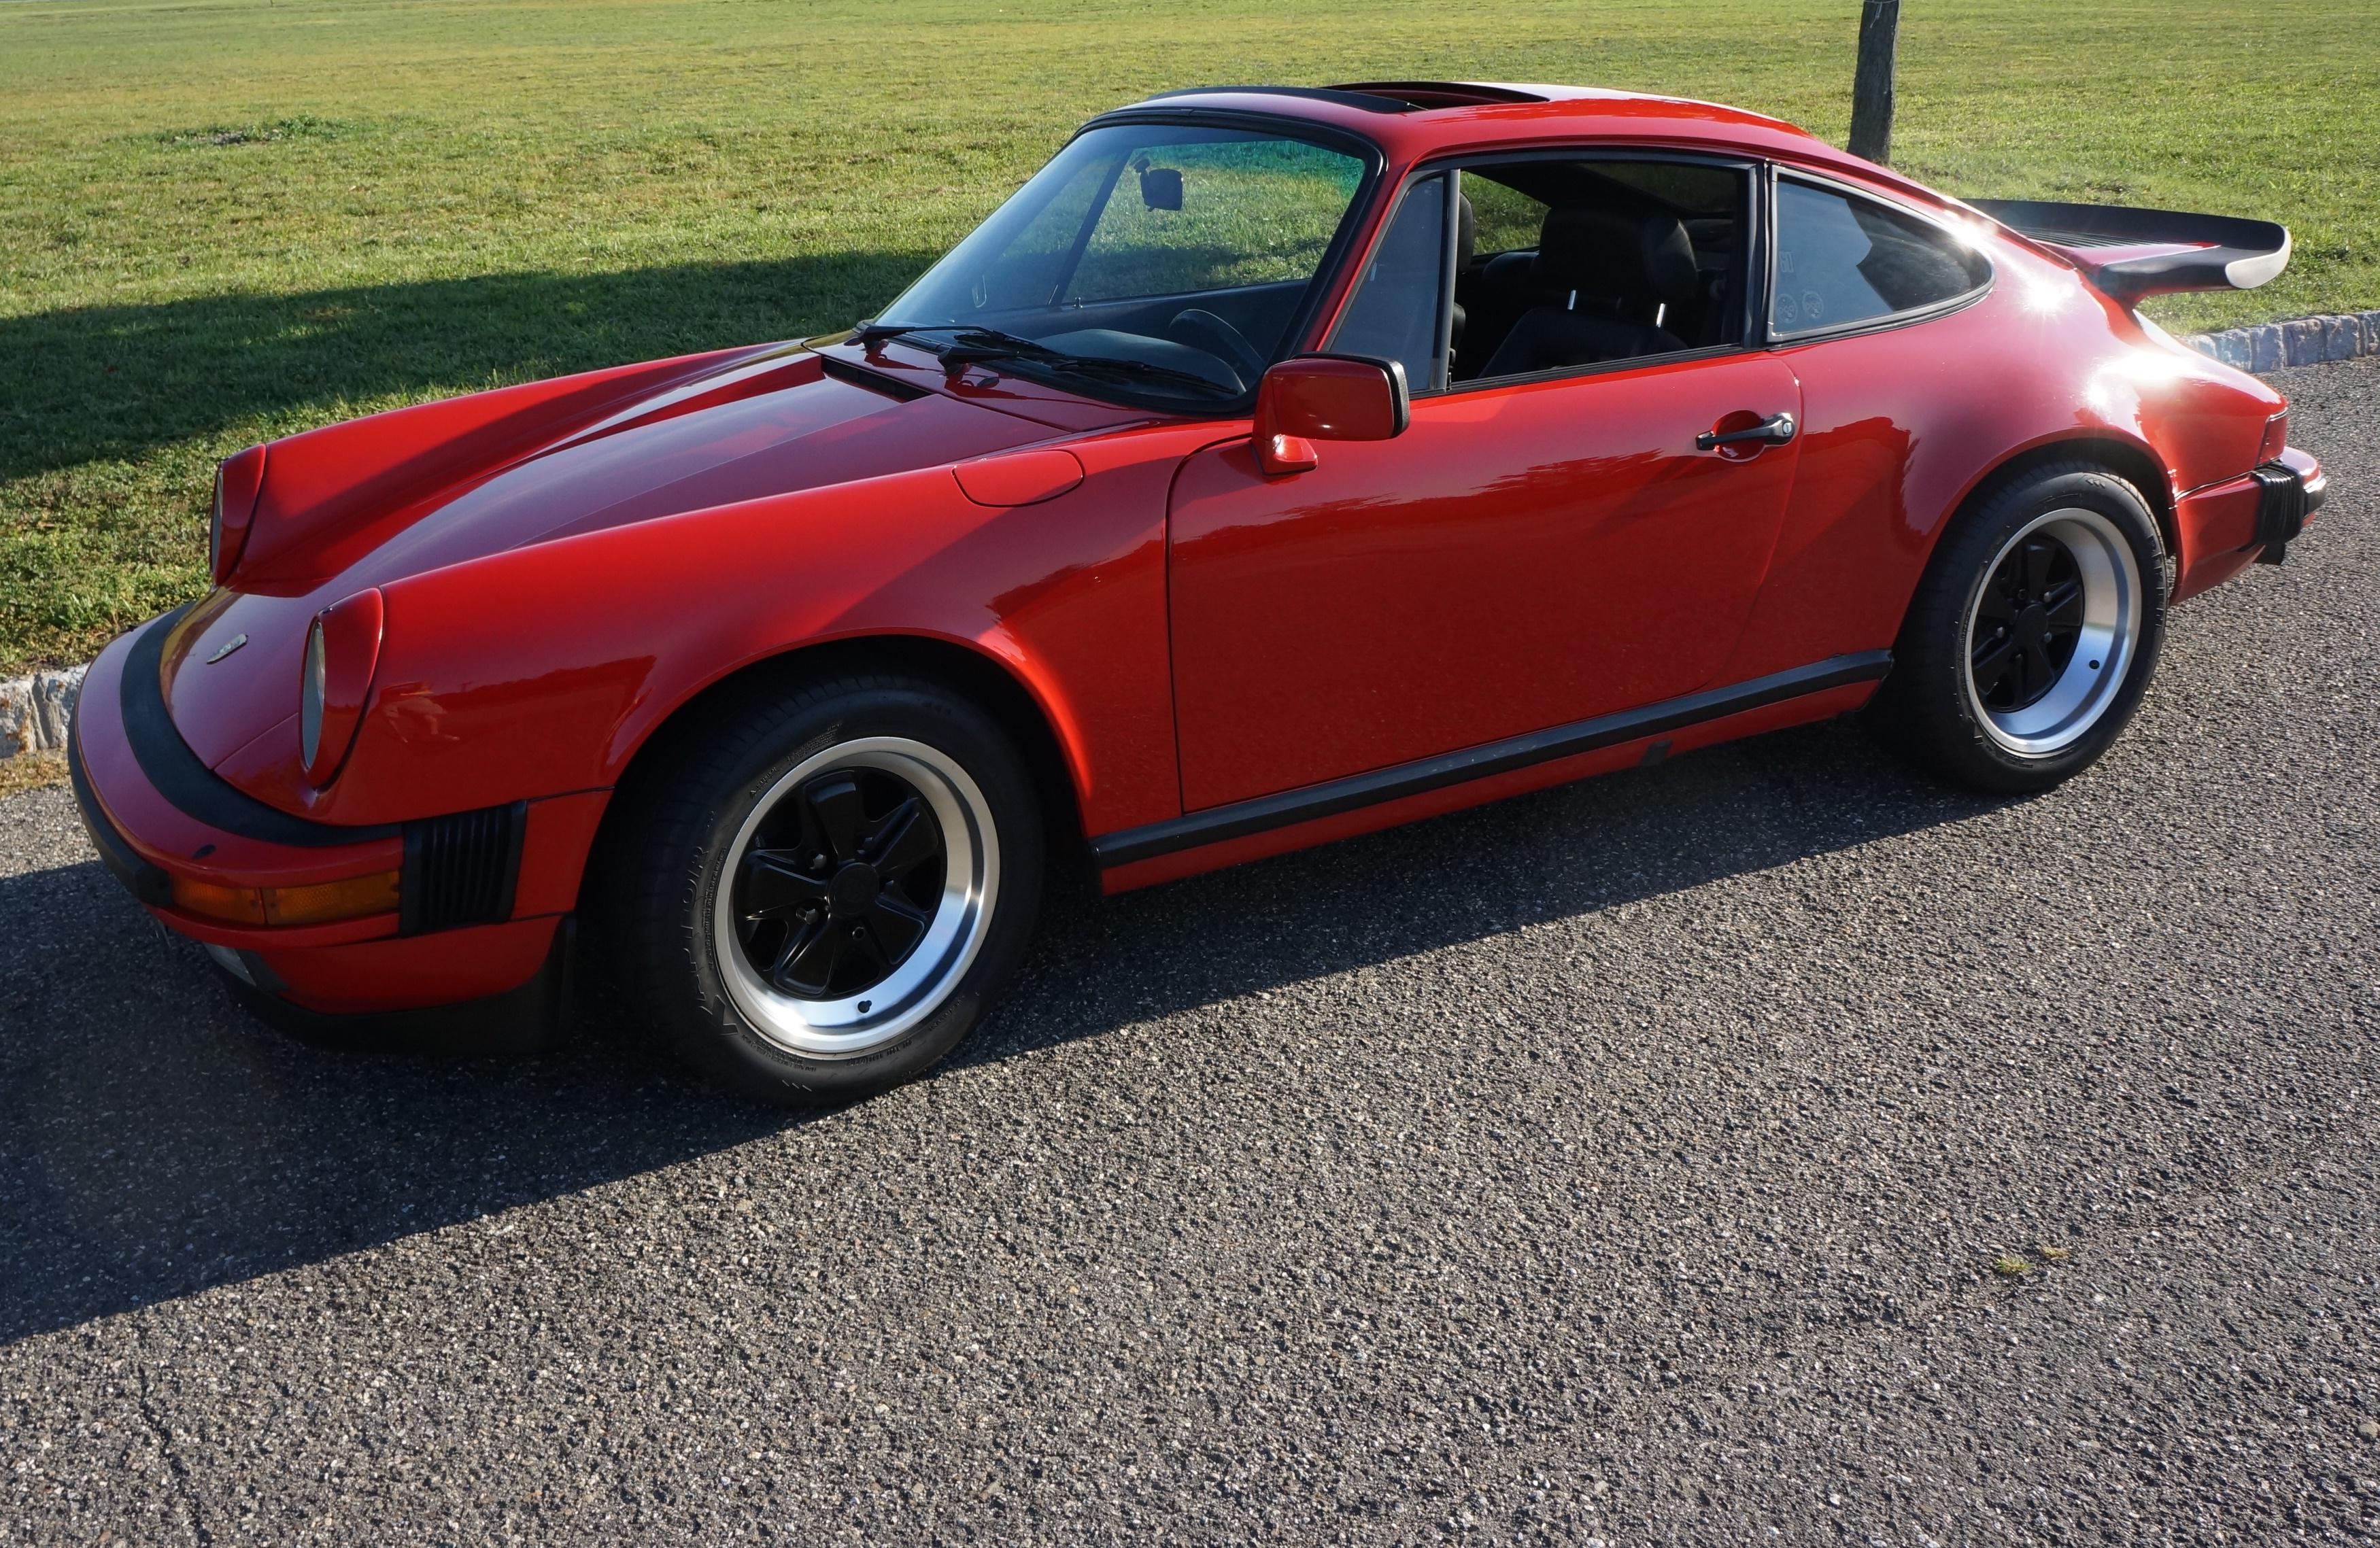 Peter's Porsche 911